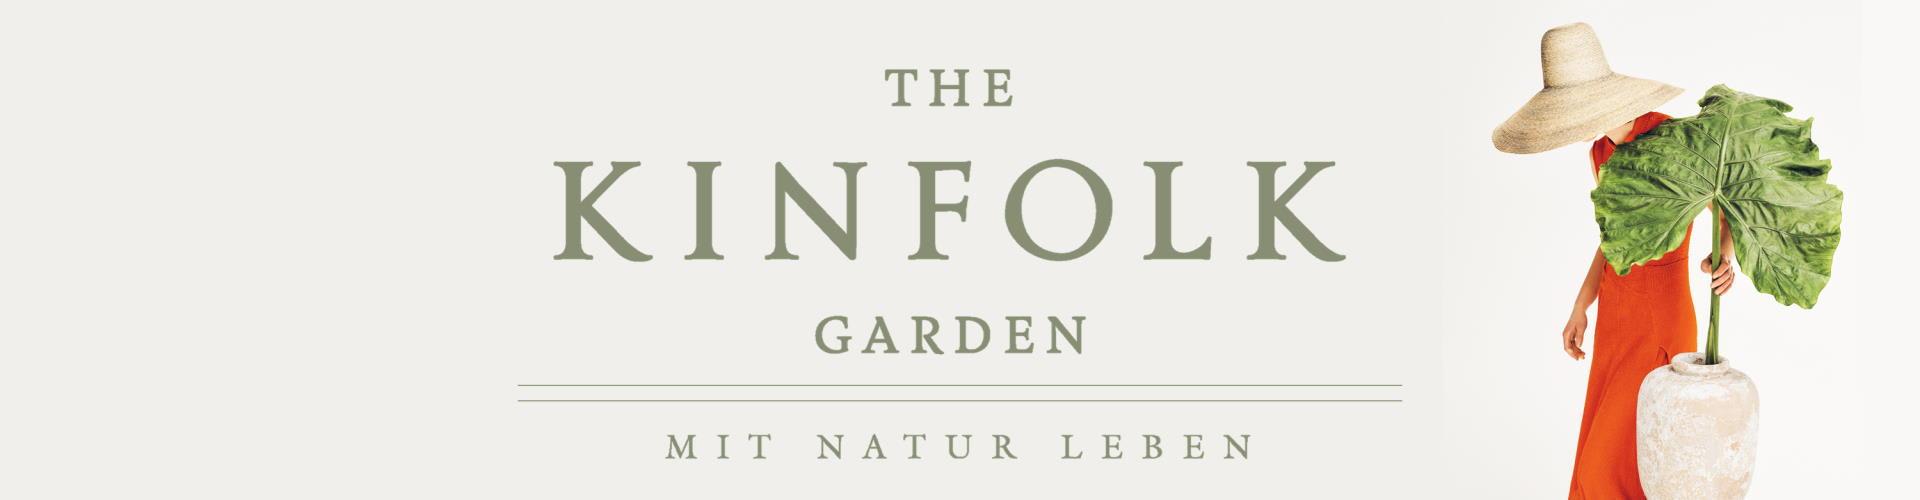 Kinfolk Garden